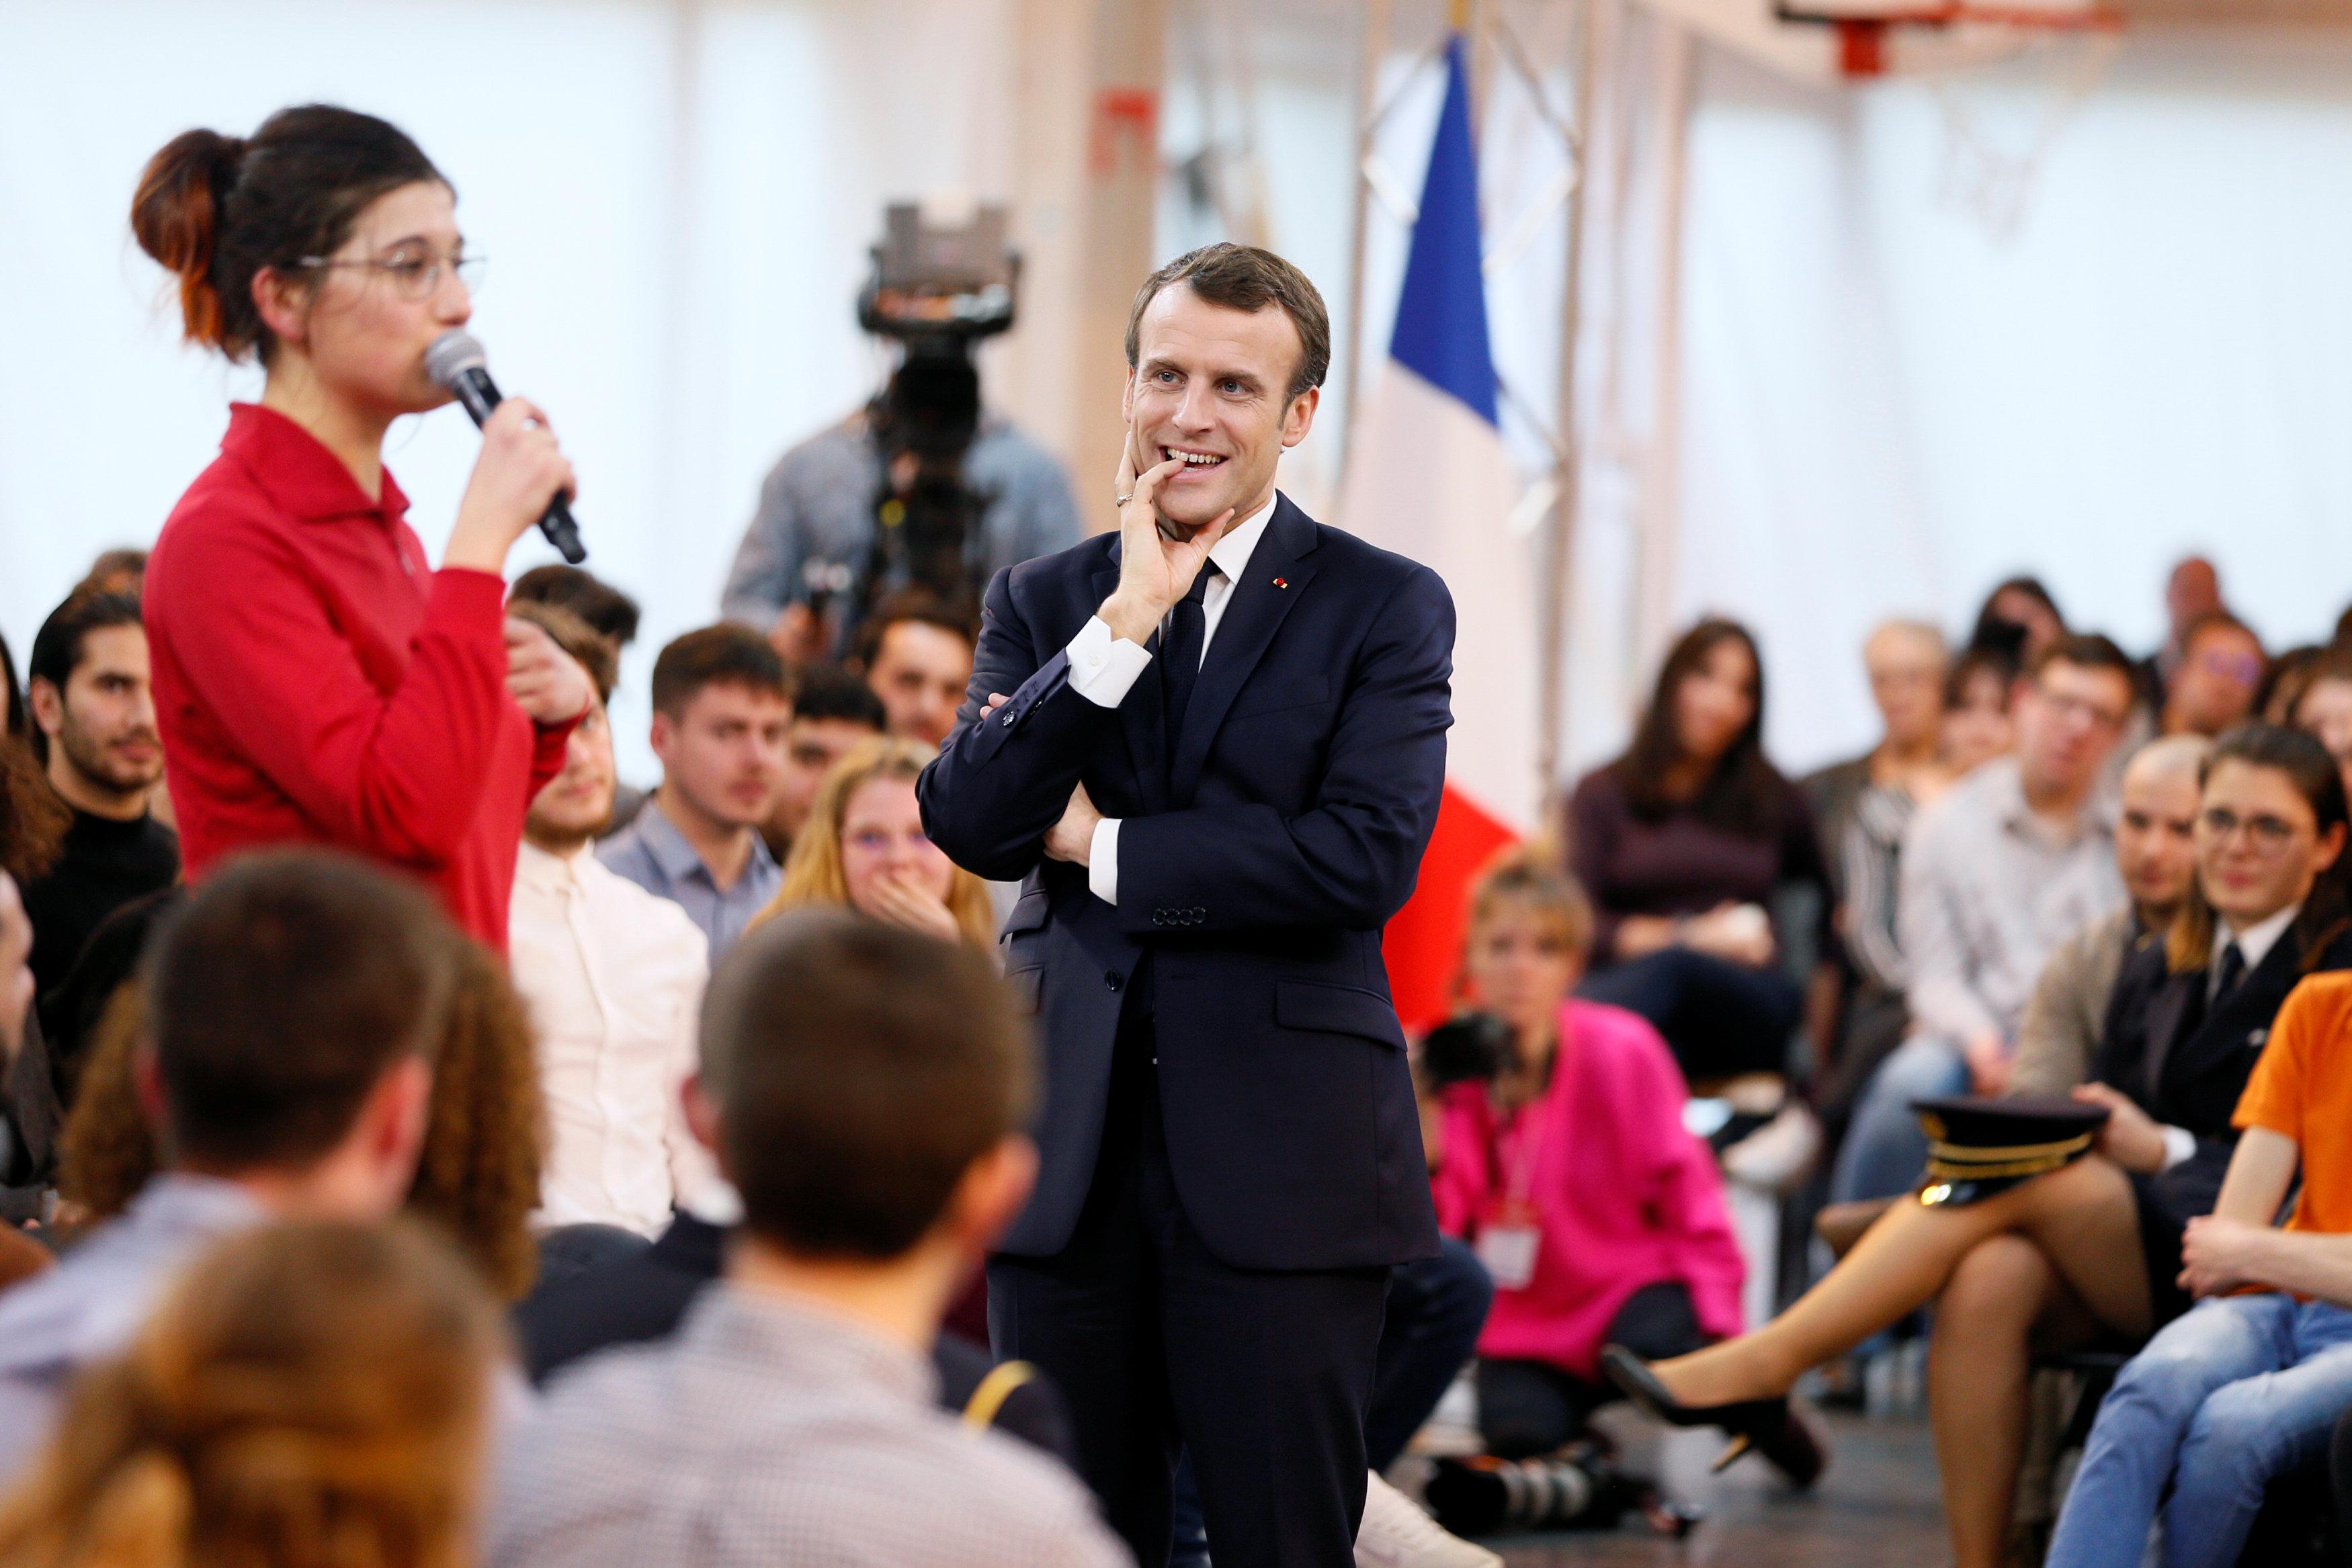 ماكرون يستمع باهتمام لحديث الشابه الفرنسية